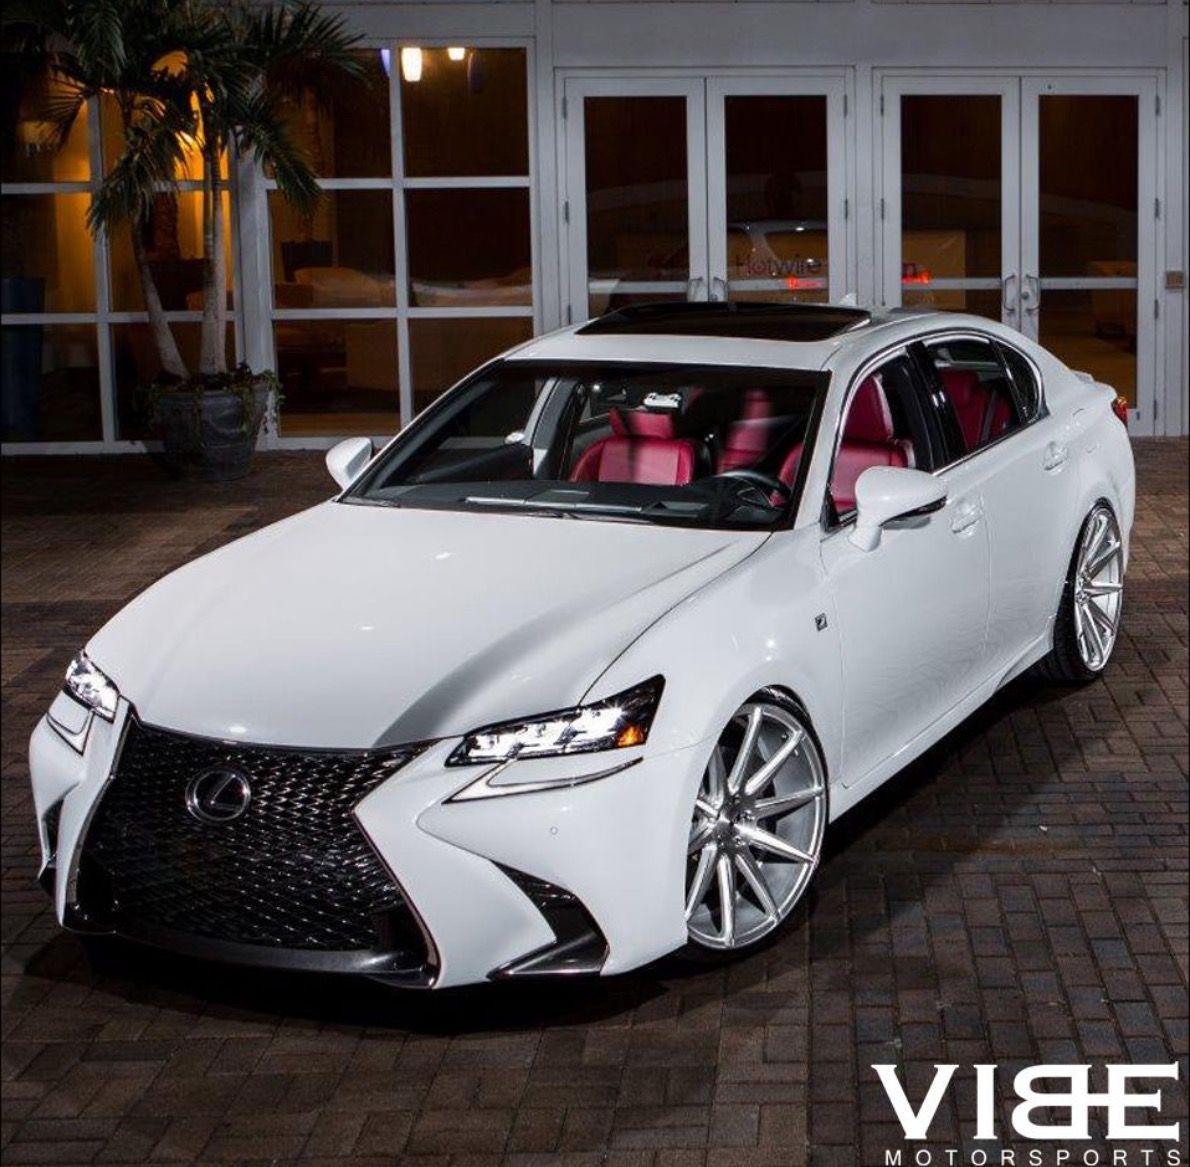 Lexus car models image by Eugene Rouzan on Automotive